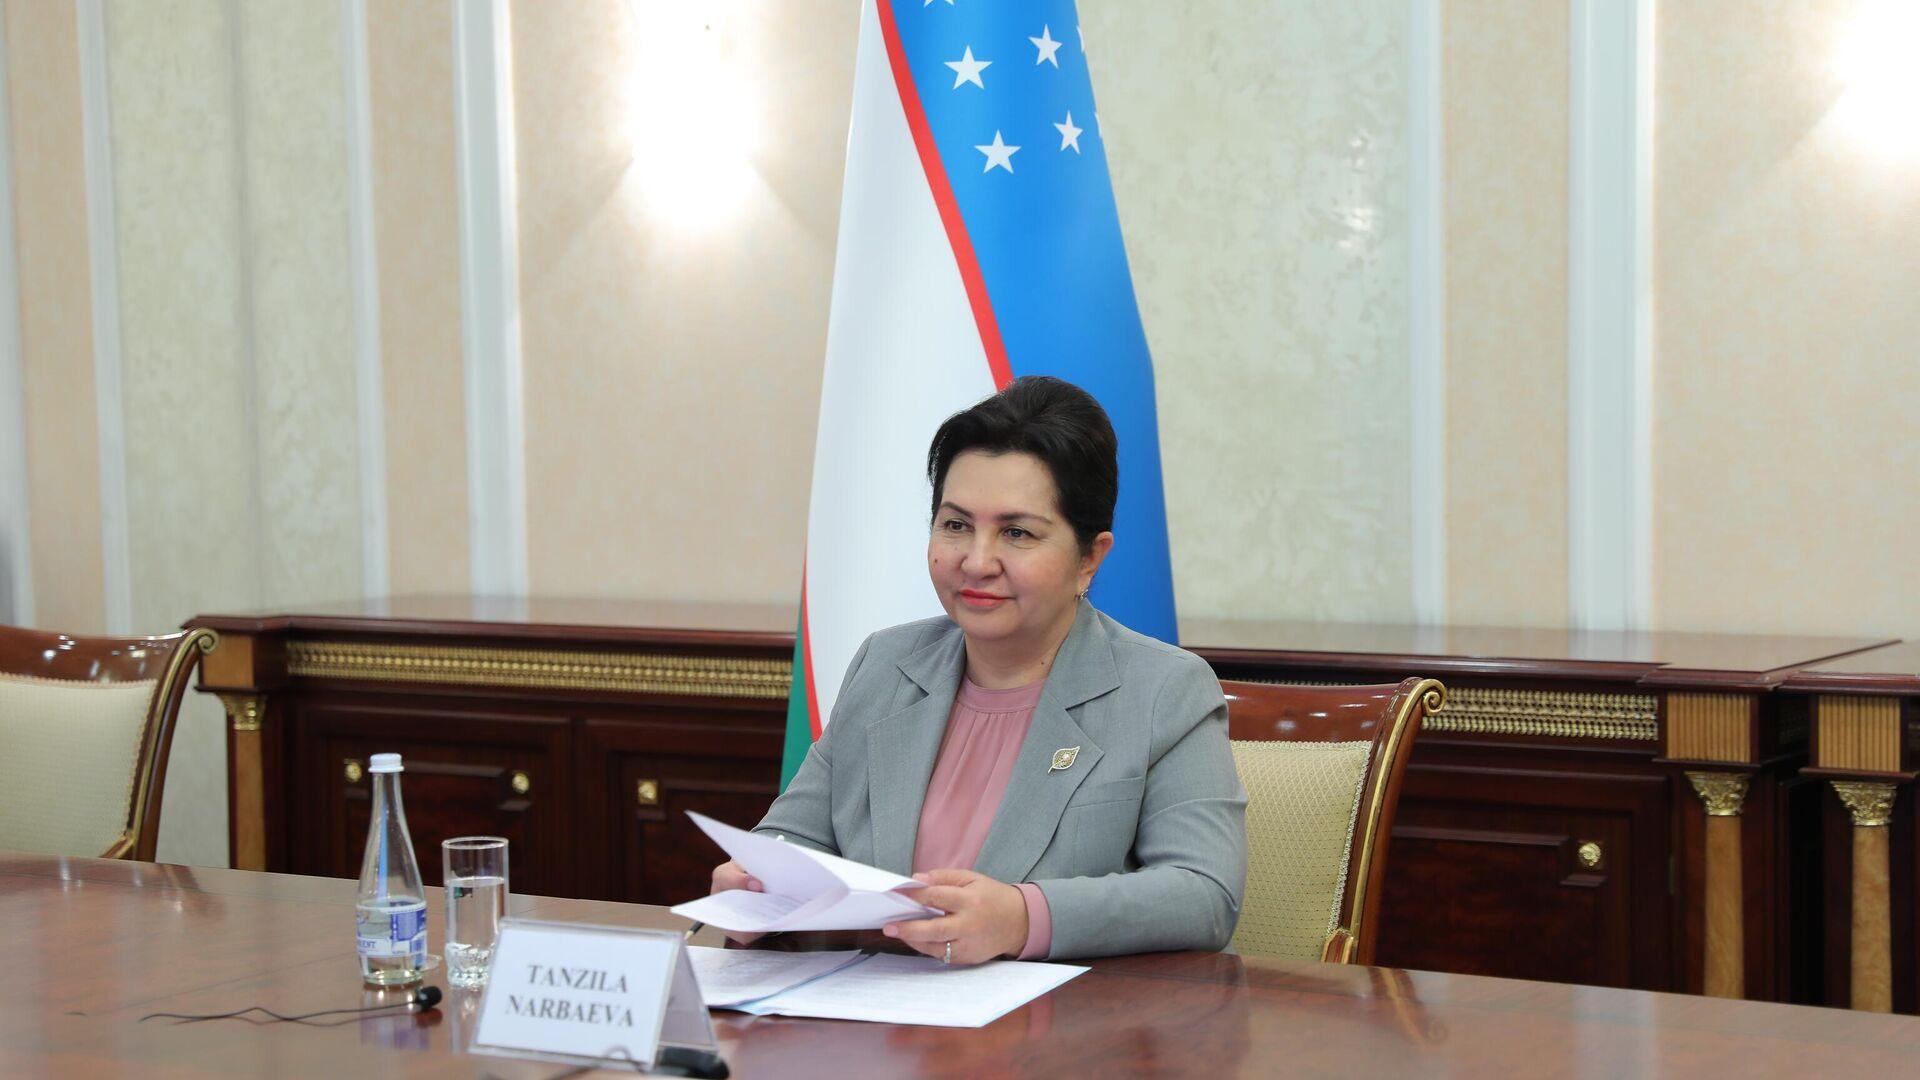 Танзила Нарбаева - Sputnik Узбекистан, 1920, 29.06.2021